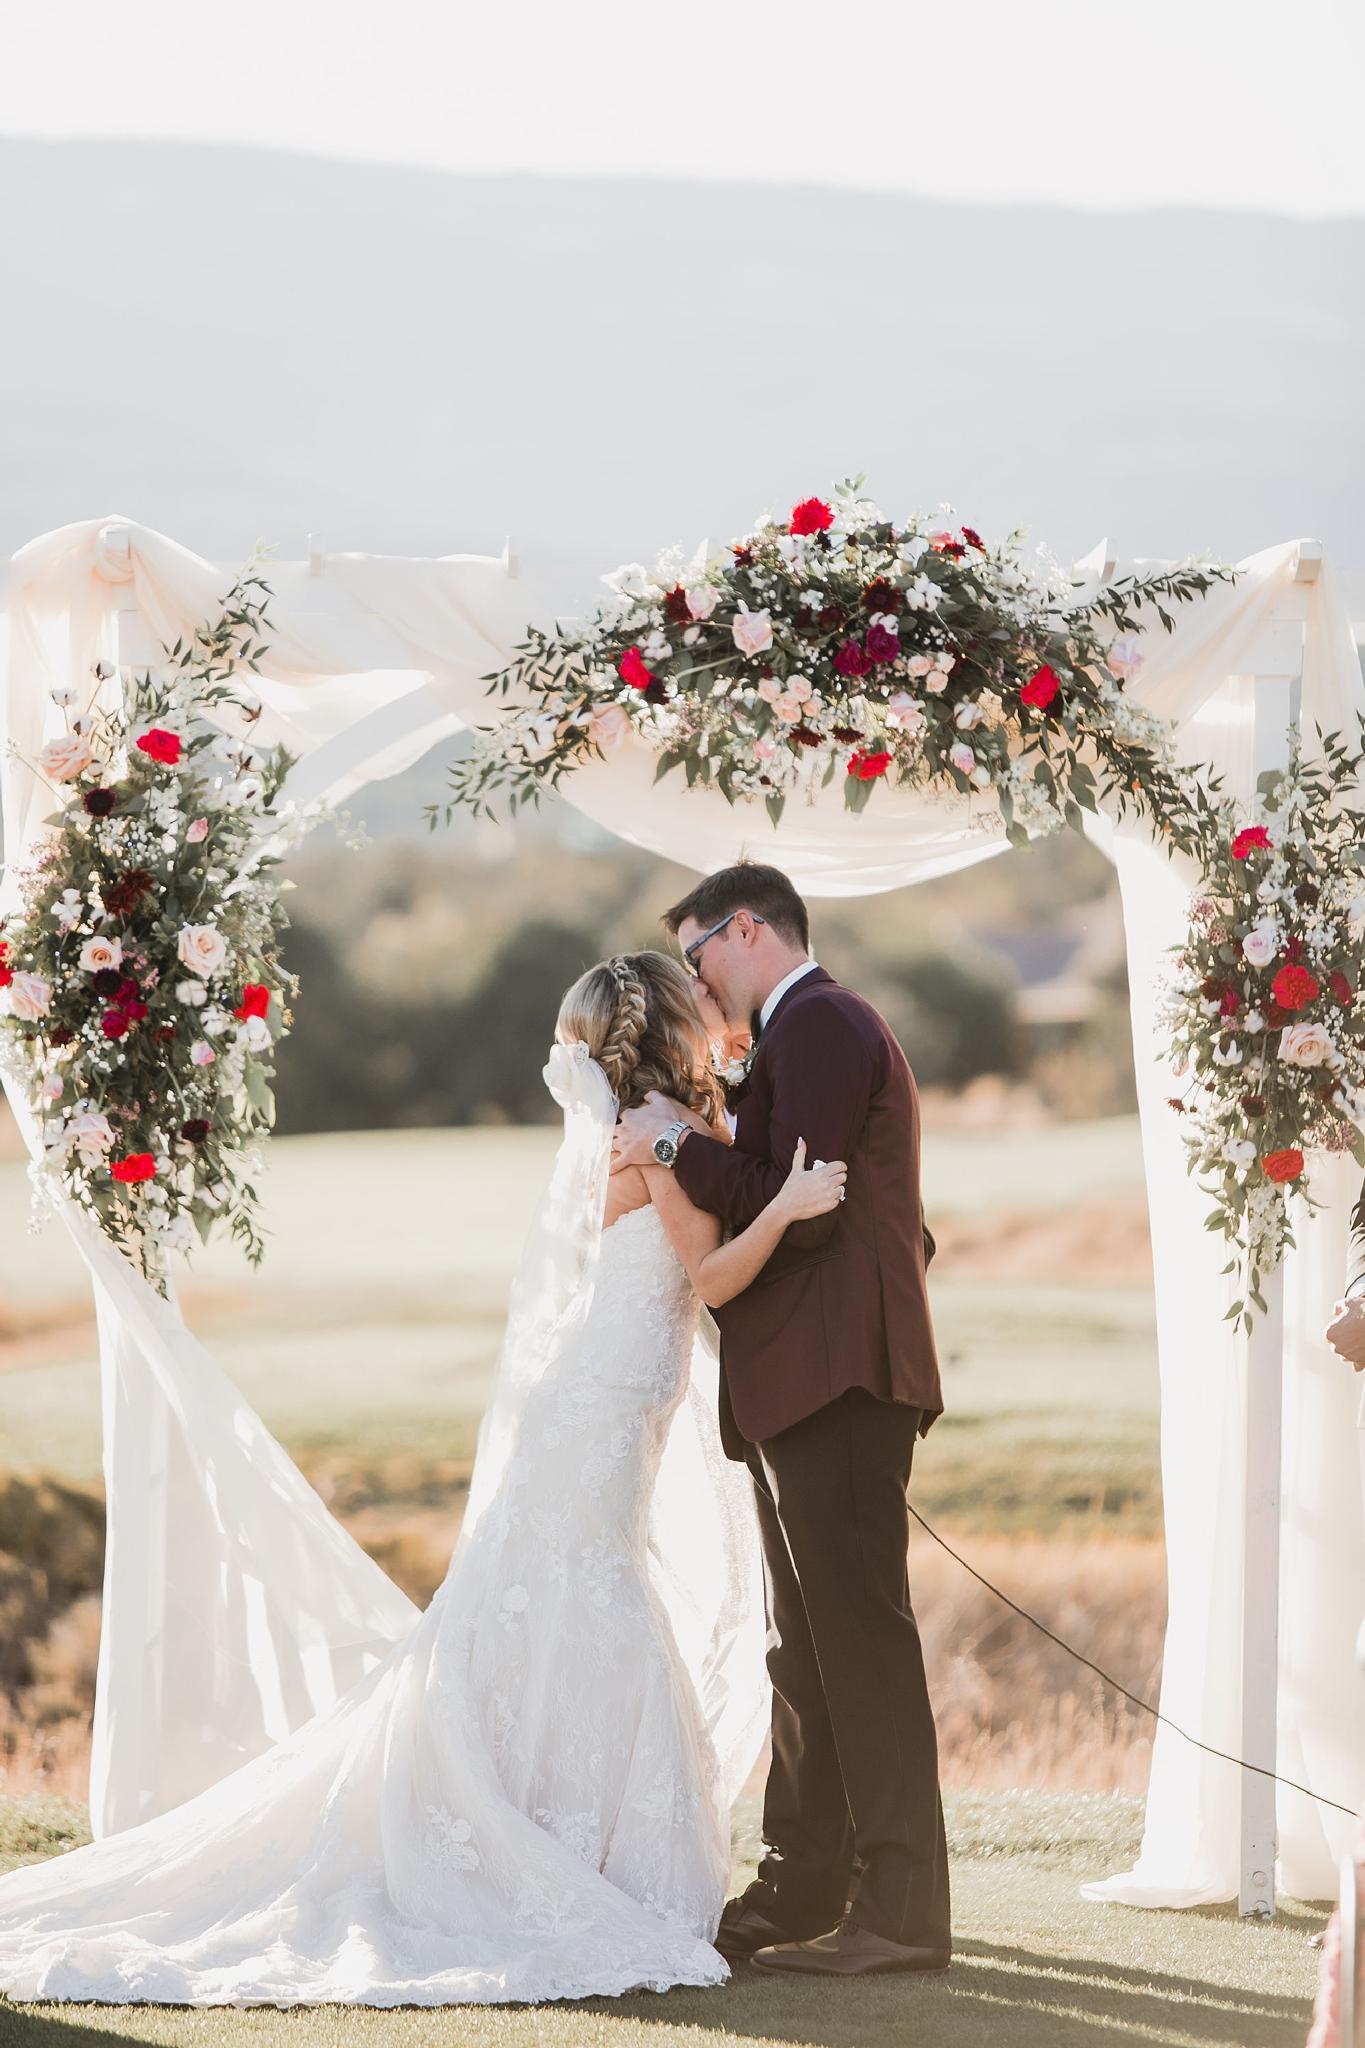 Alicia+lucia+photography+-+albuquerque+wedding+photographer+-+santa+fe+wedding+photography+-+new+mexico+wedding+photographer+-+new+mexico+wedding+-+wedding+photographer+-+wedding+photographer+team_0102.jpg